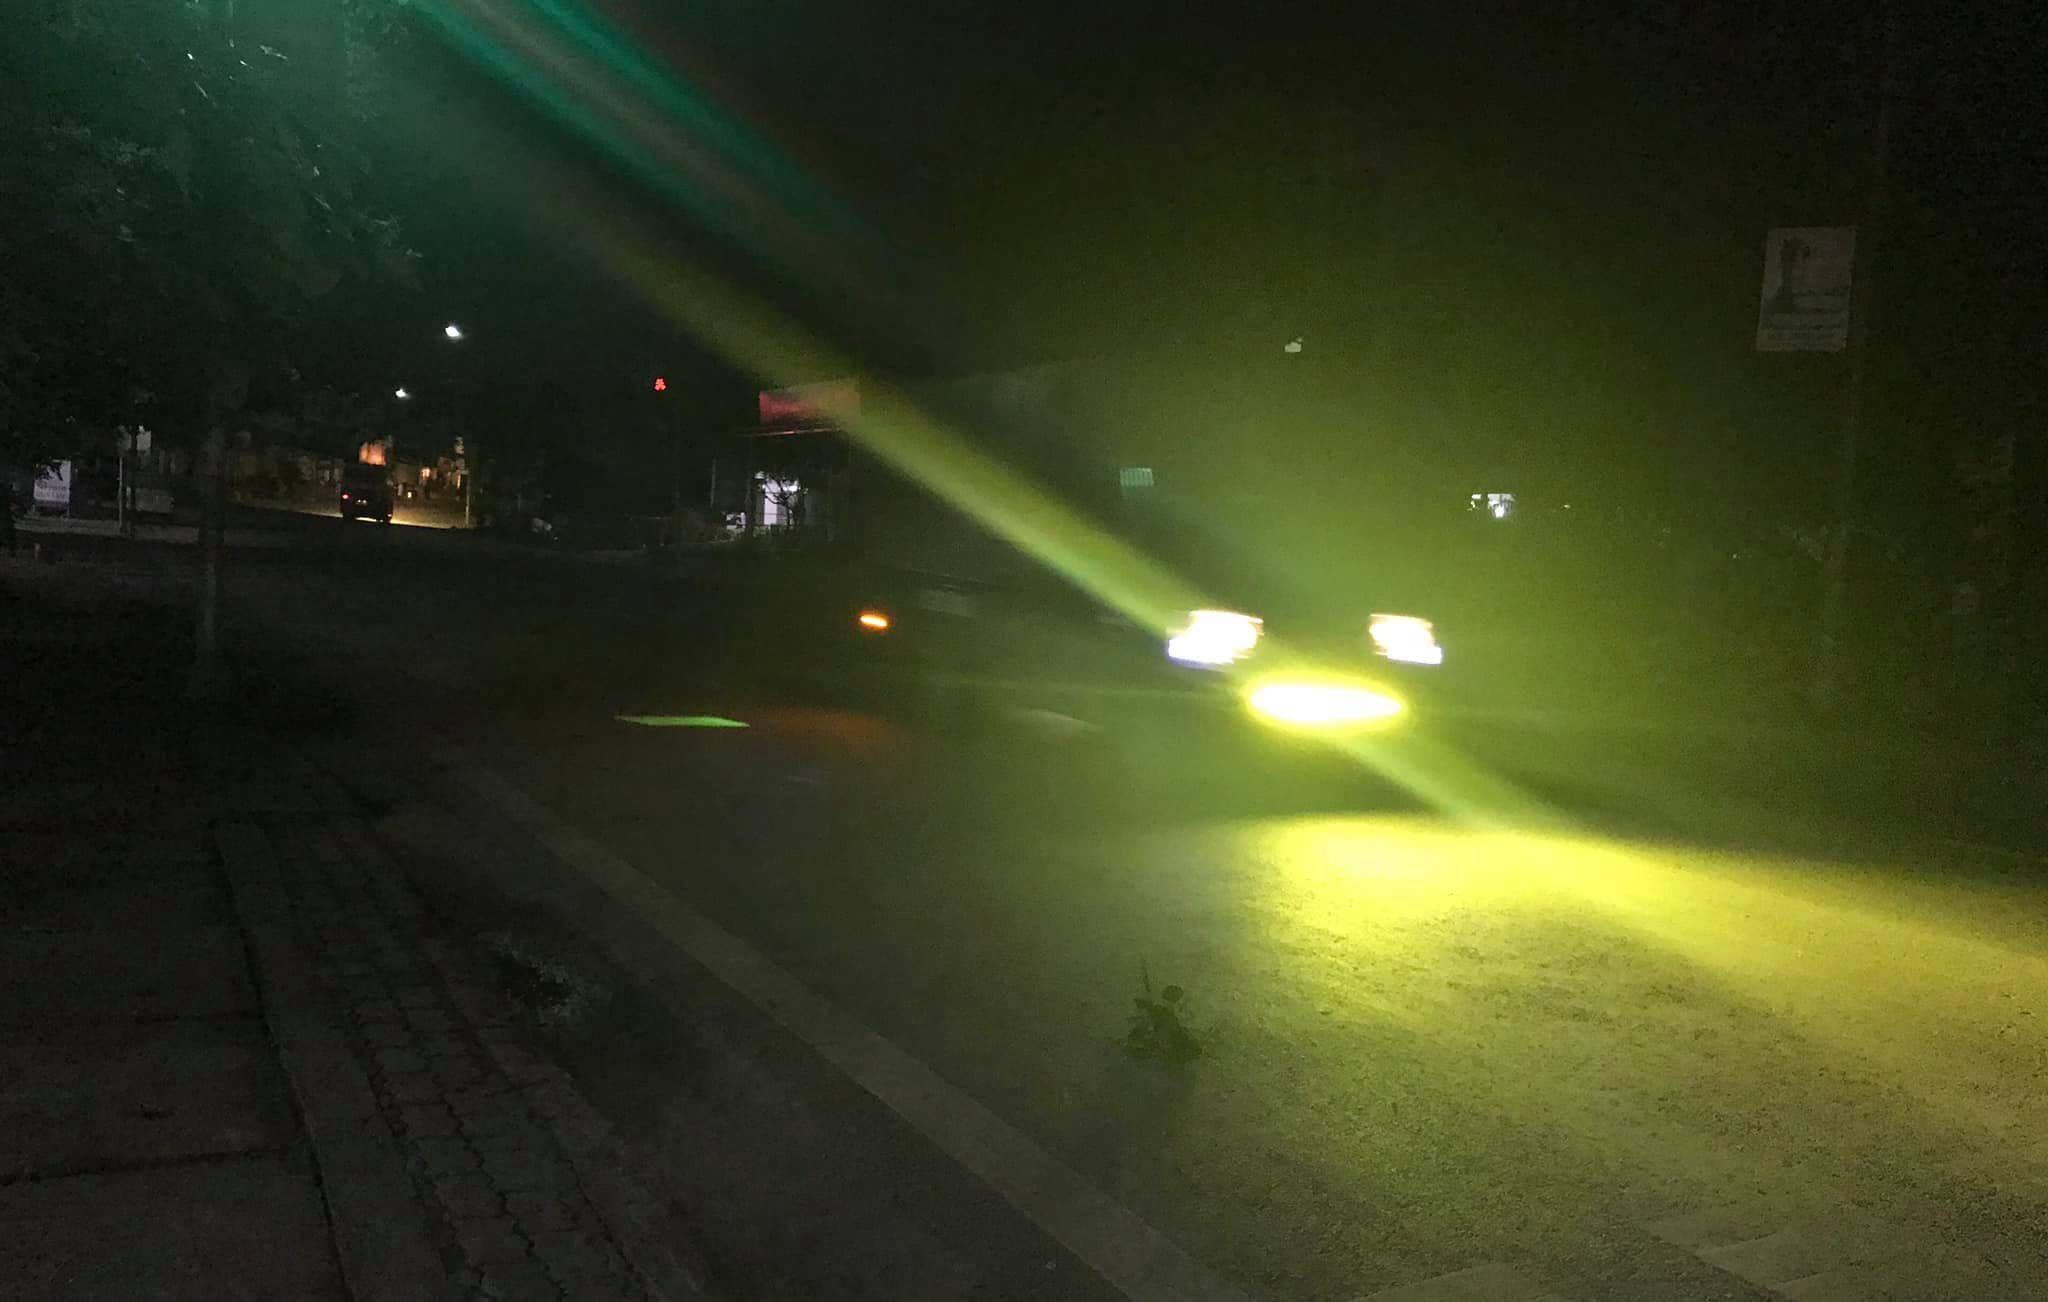 Lắp đèn chói sáng vô tội vạ, tài xế Việt 'lách cửa' đăng kiểm